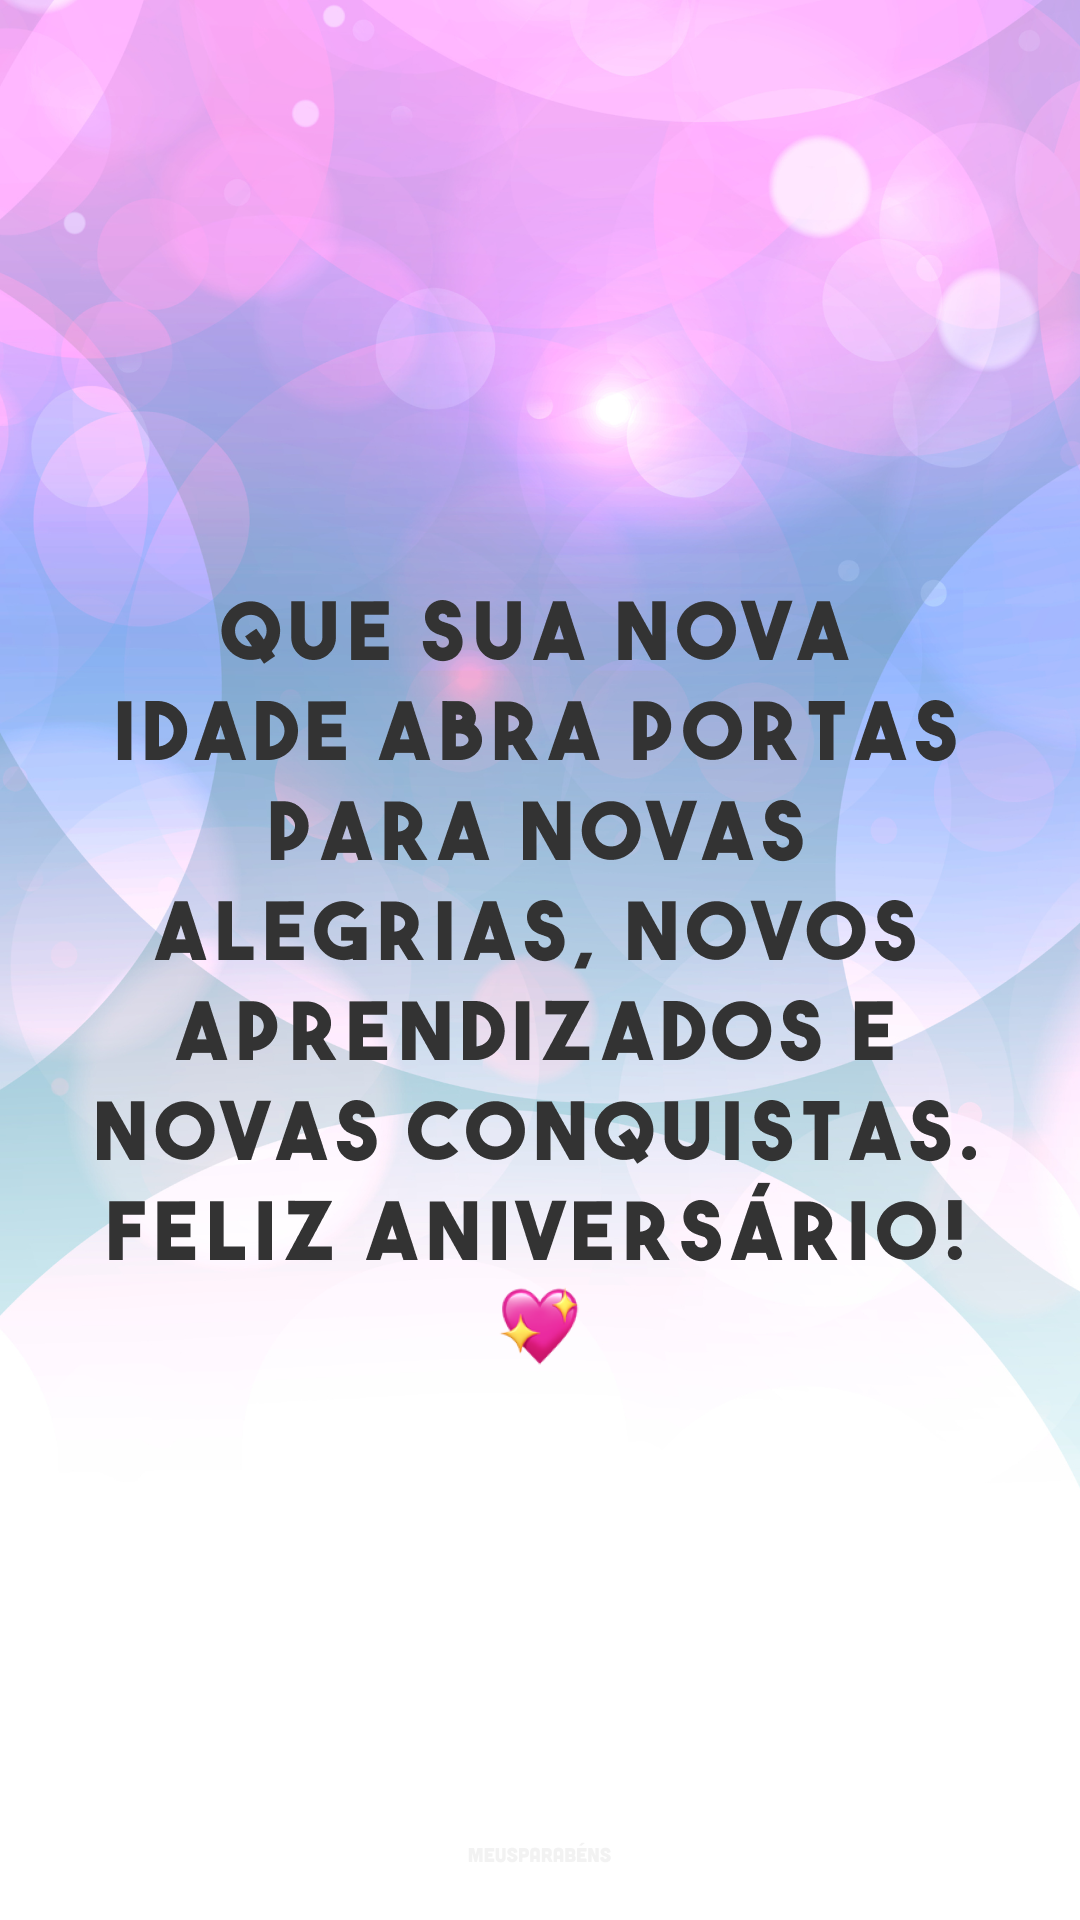 Que sua nova idade abra portas para novas alegrias, novos aprendizados e novas conquistas. Feliz aniversário! 💖